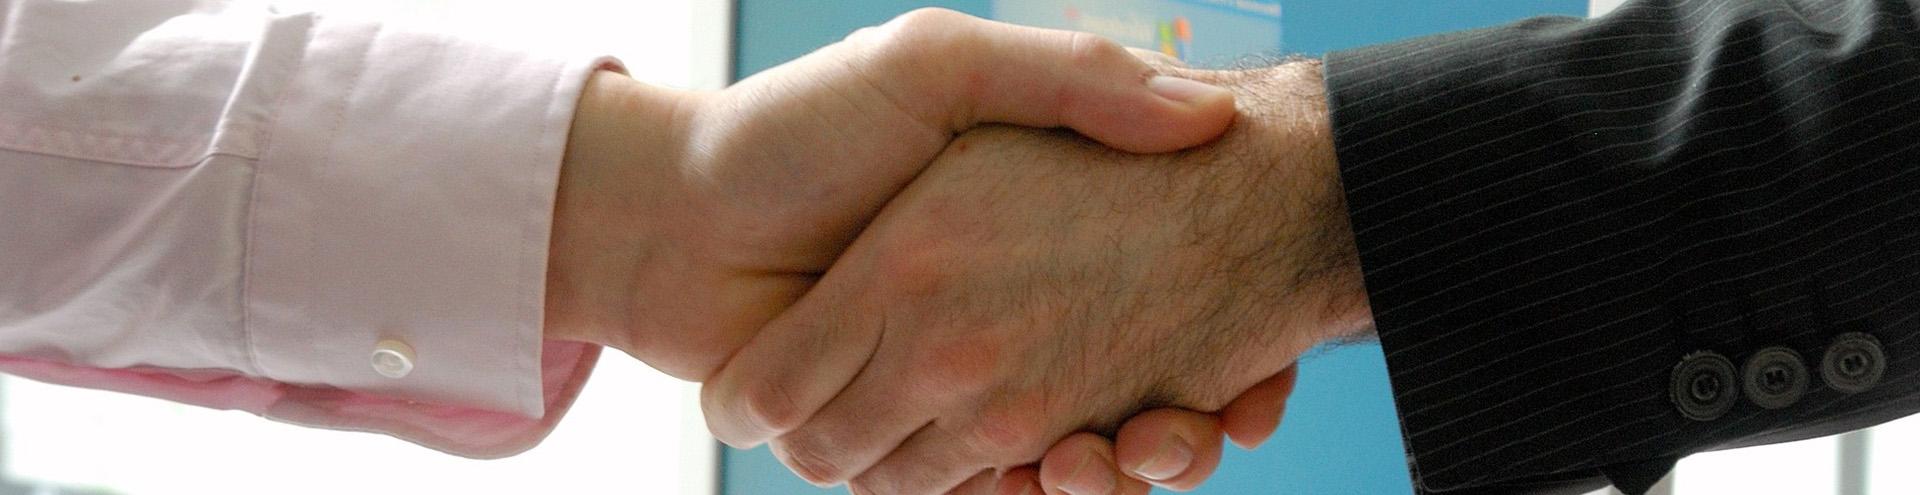 арбитражное урегулирование споров в Челябинске